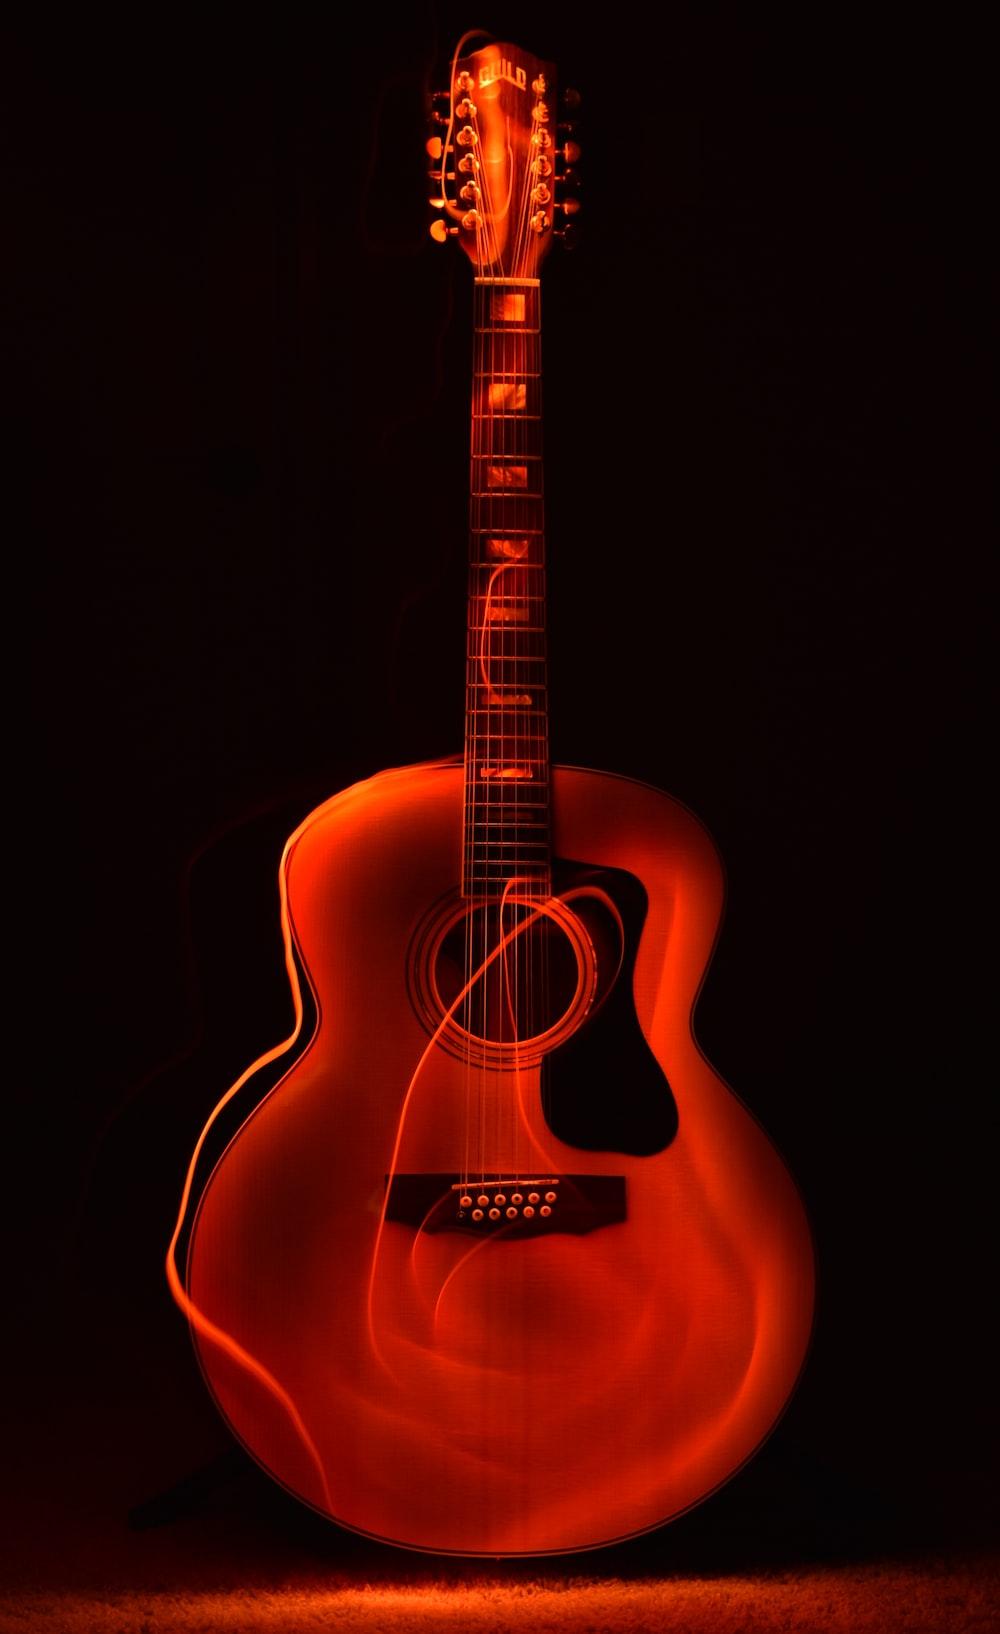 Orange Guitar Wallpaper Photo Free Guitar Image On Unsplash